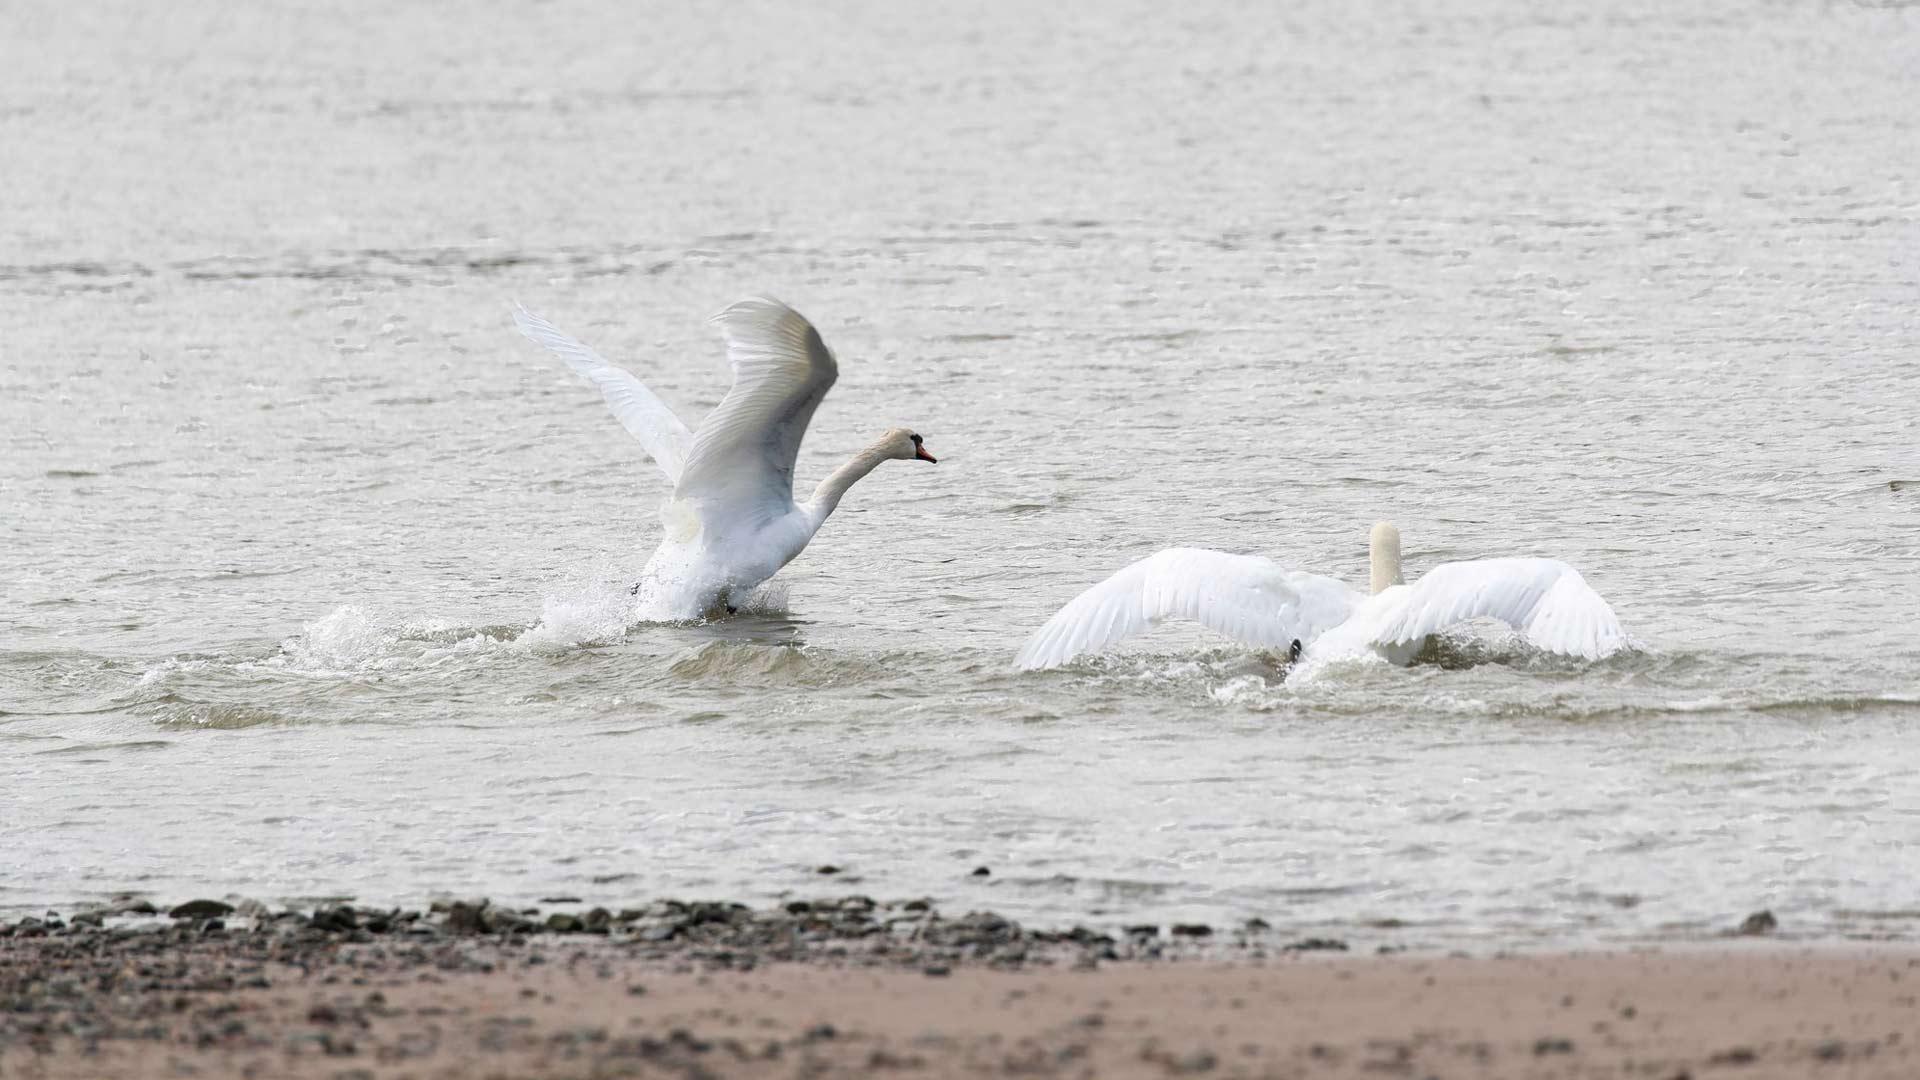 Itämeren rannikolla pesii useita lintulajeja. Tanskassa kyhmyjoutsenten on nähty käyttävän muovia pesänrakennukseen.